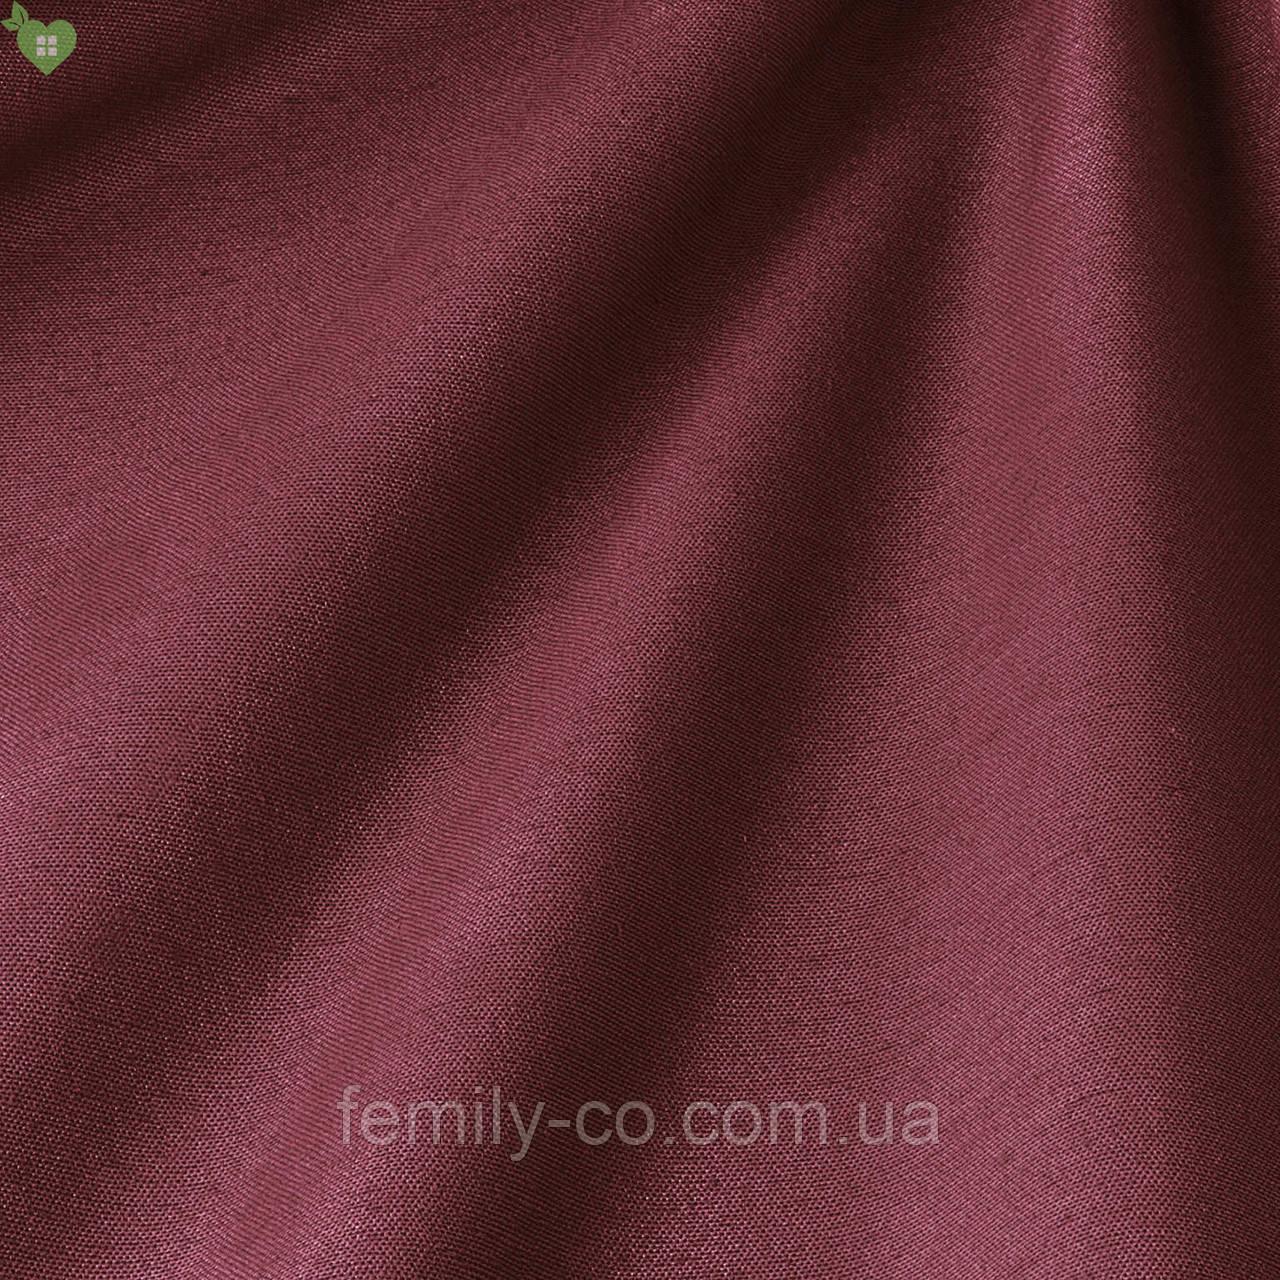 Однотонная декоративная ткань красно-коричневого цвета Испания 82705v48